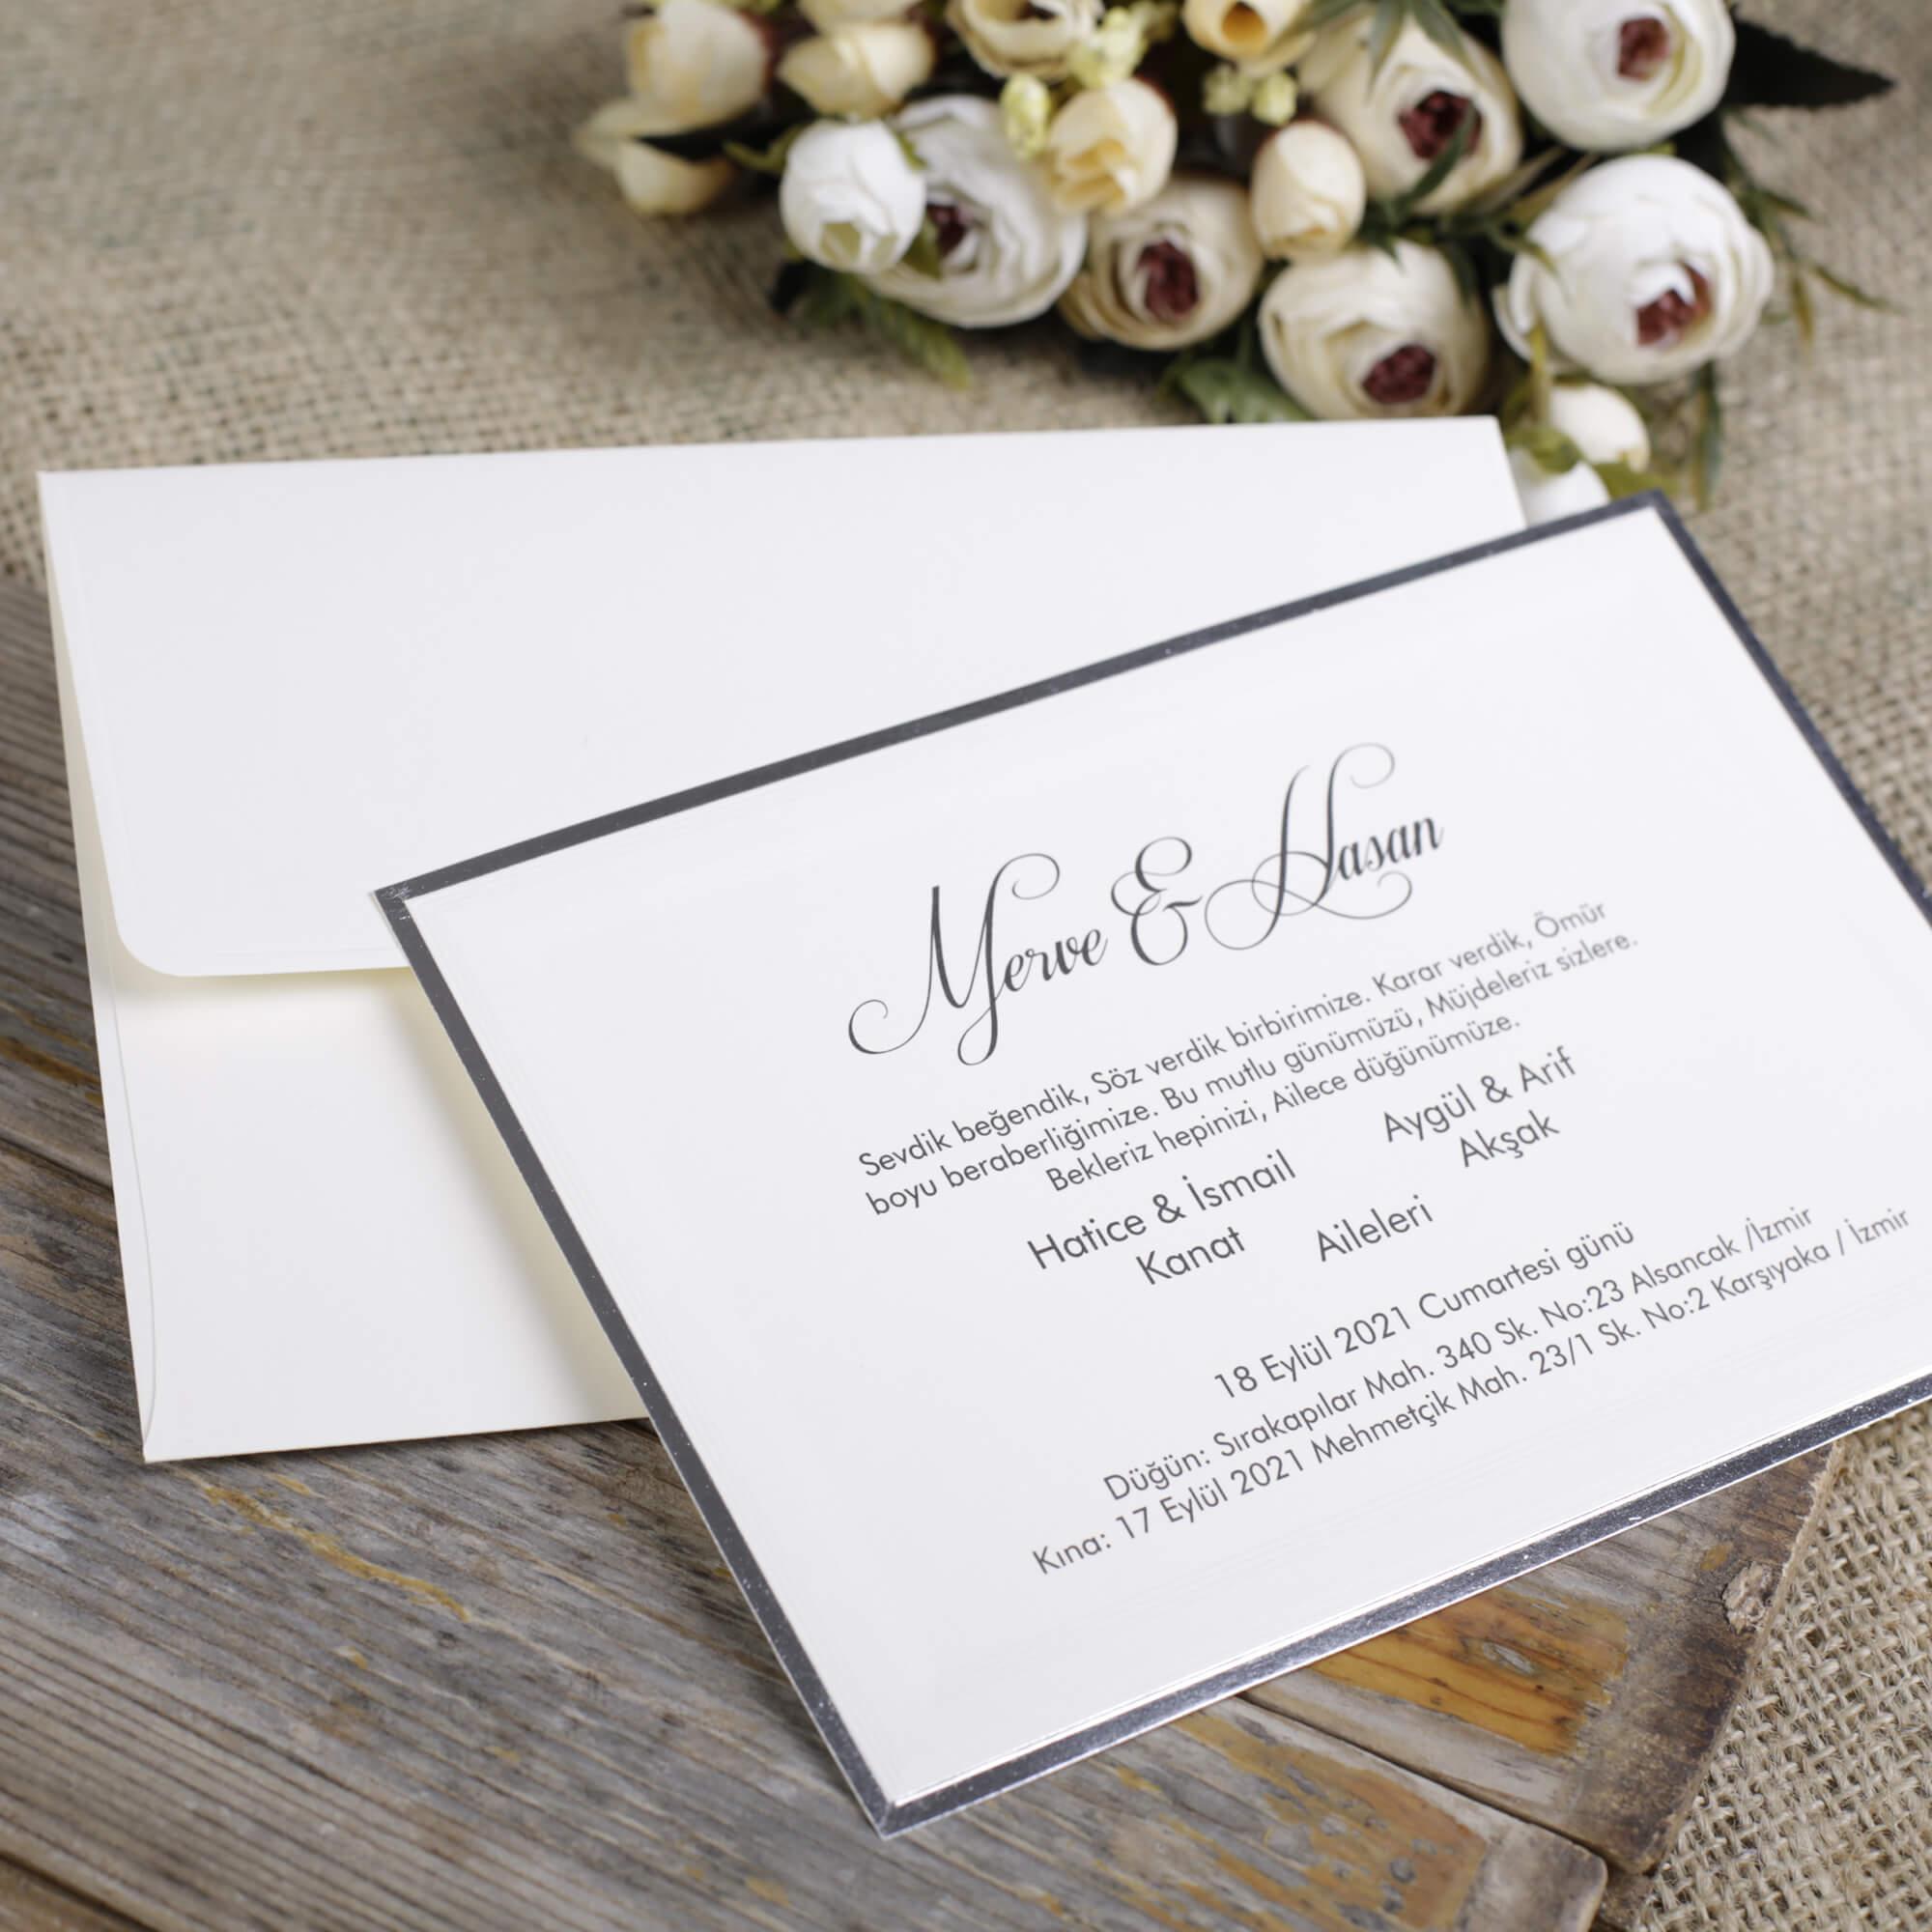 Klasik-Düğün-Davetiyesi-Modelleri-10299-2